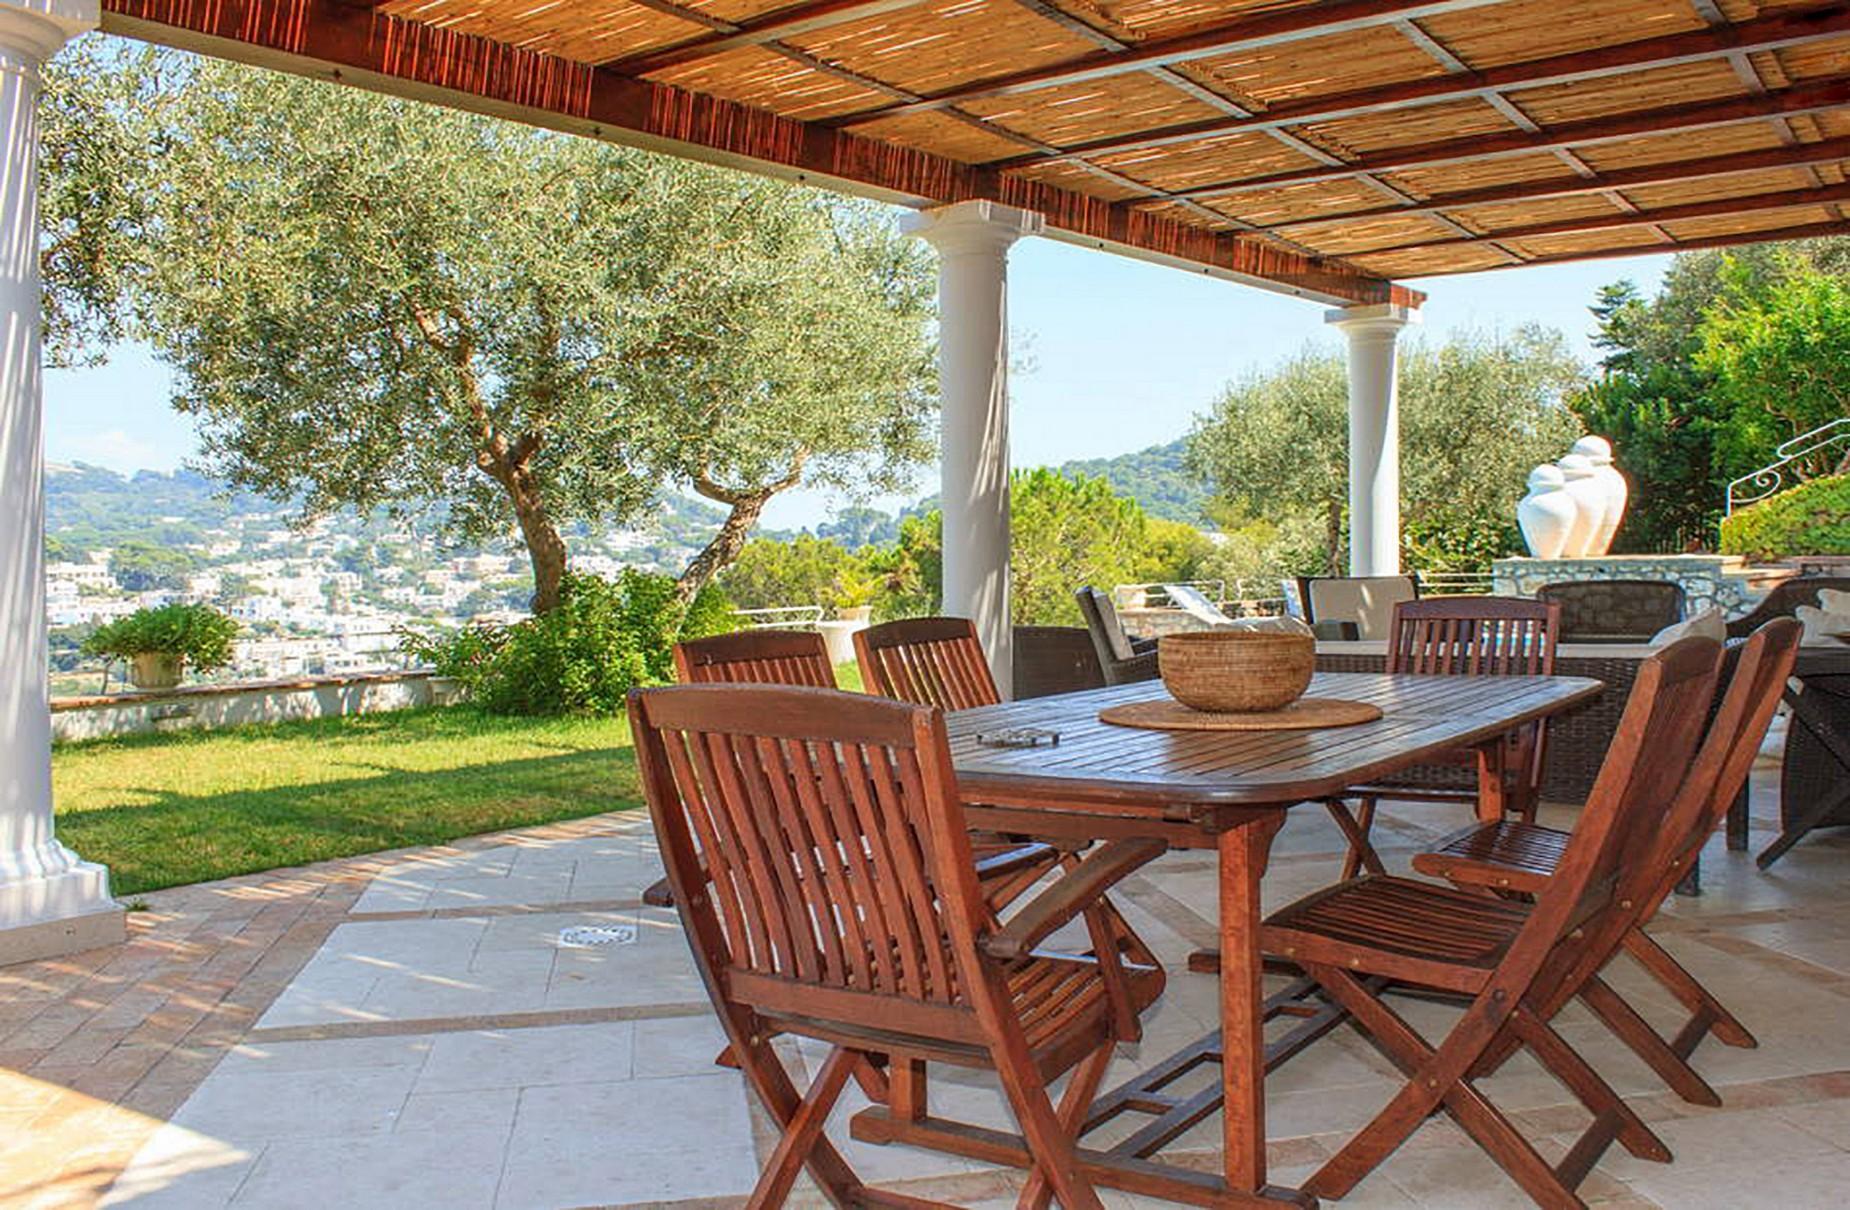 Очаровательная вилла с панорамным бассейном в центре легендарного острова Капри, Италия - 6